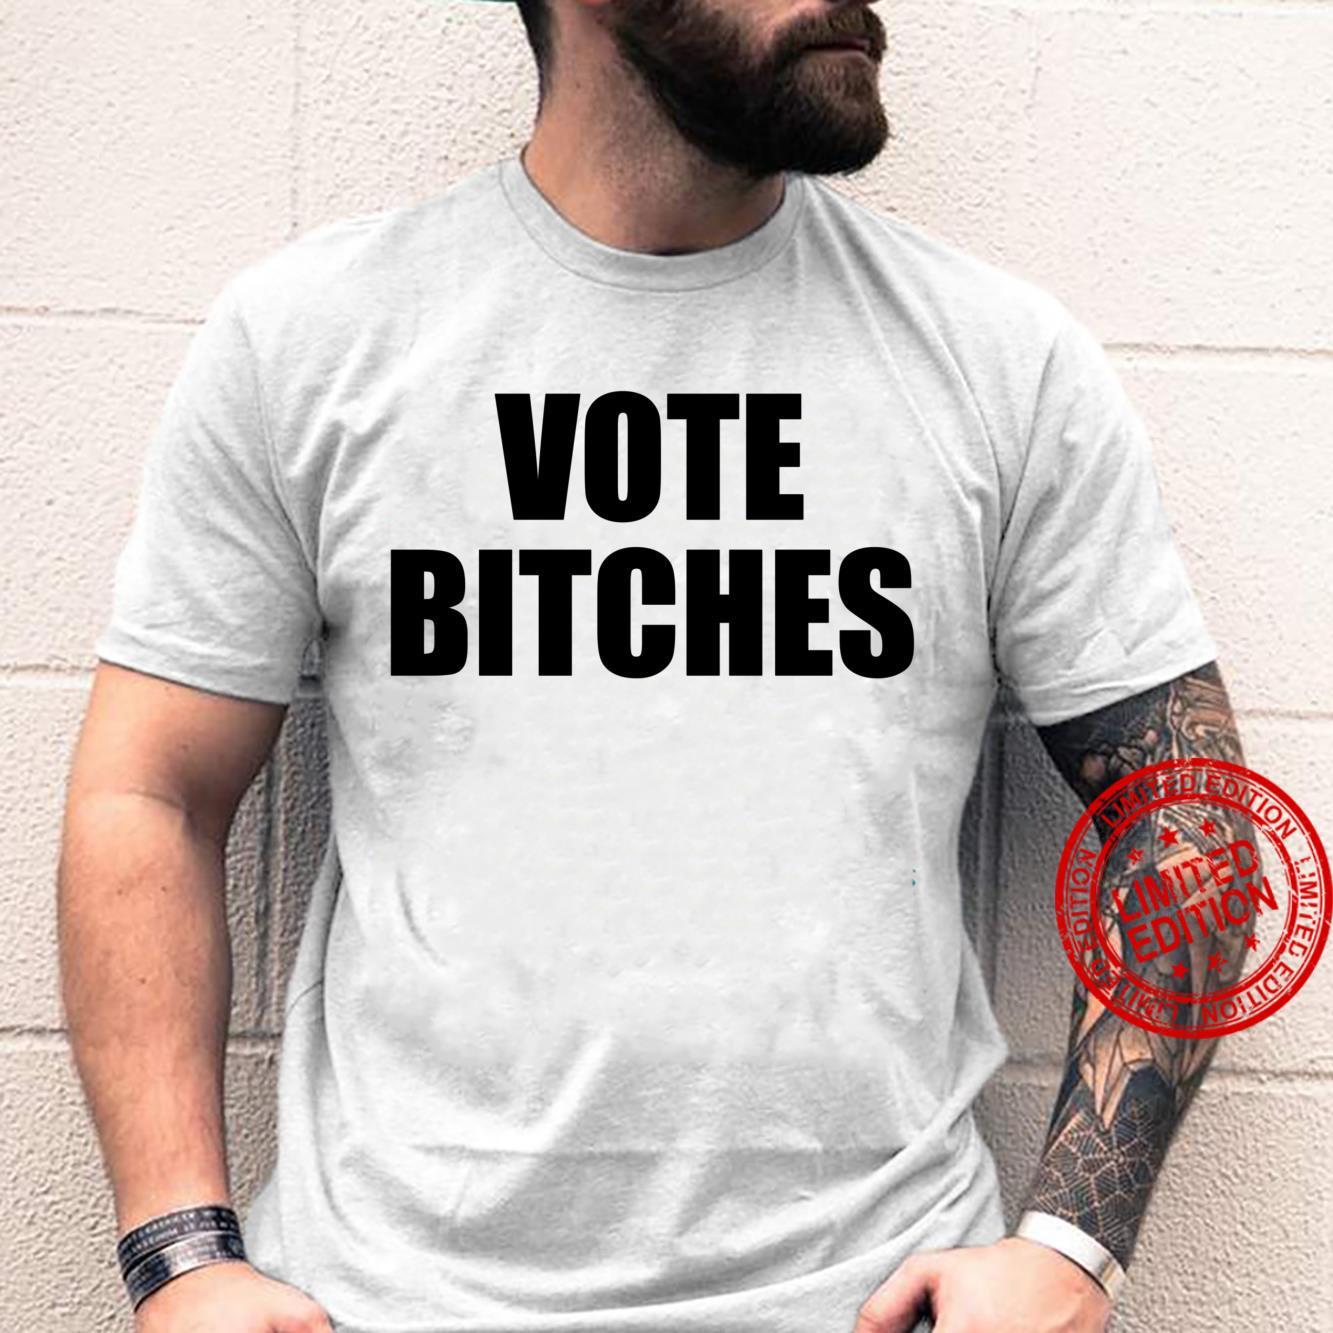 VOTE BITCHES 2020 Election ABSTIMMUNGEN Meme Shirt